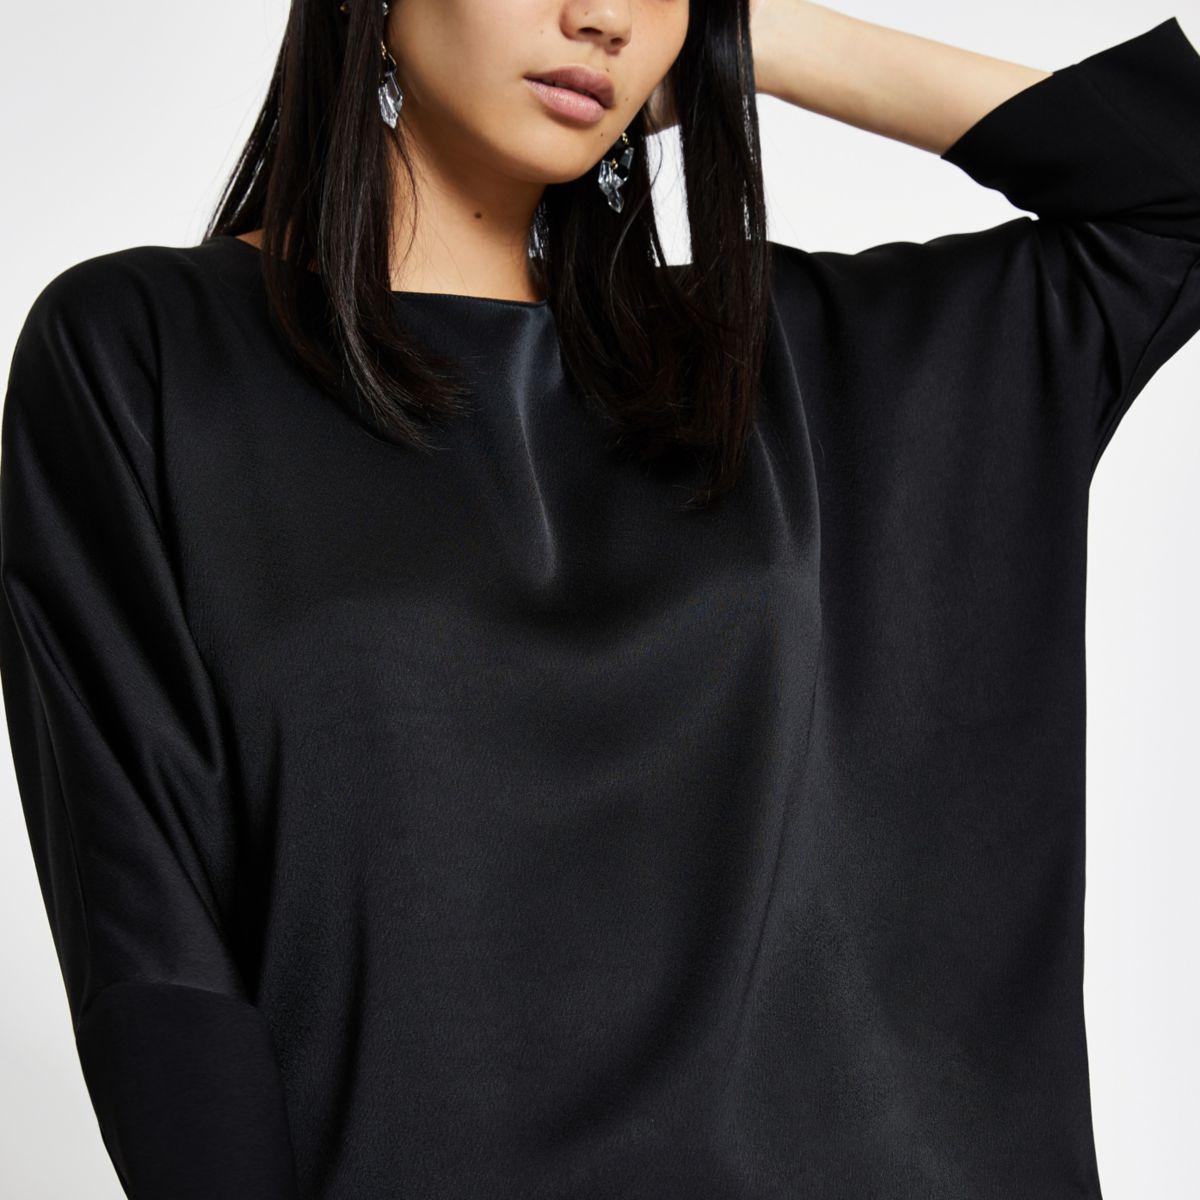 Black satin loose fit top